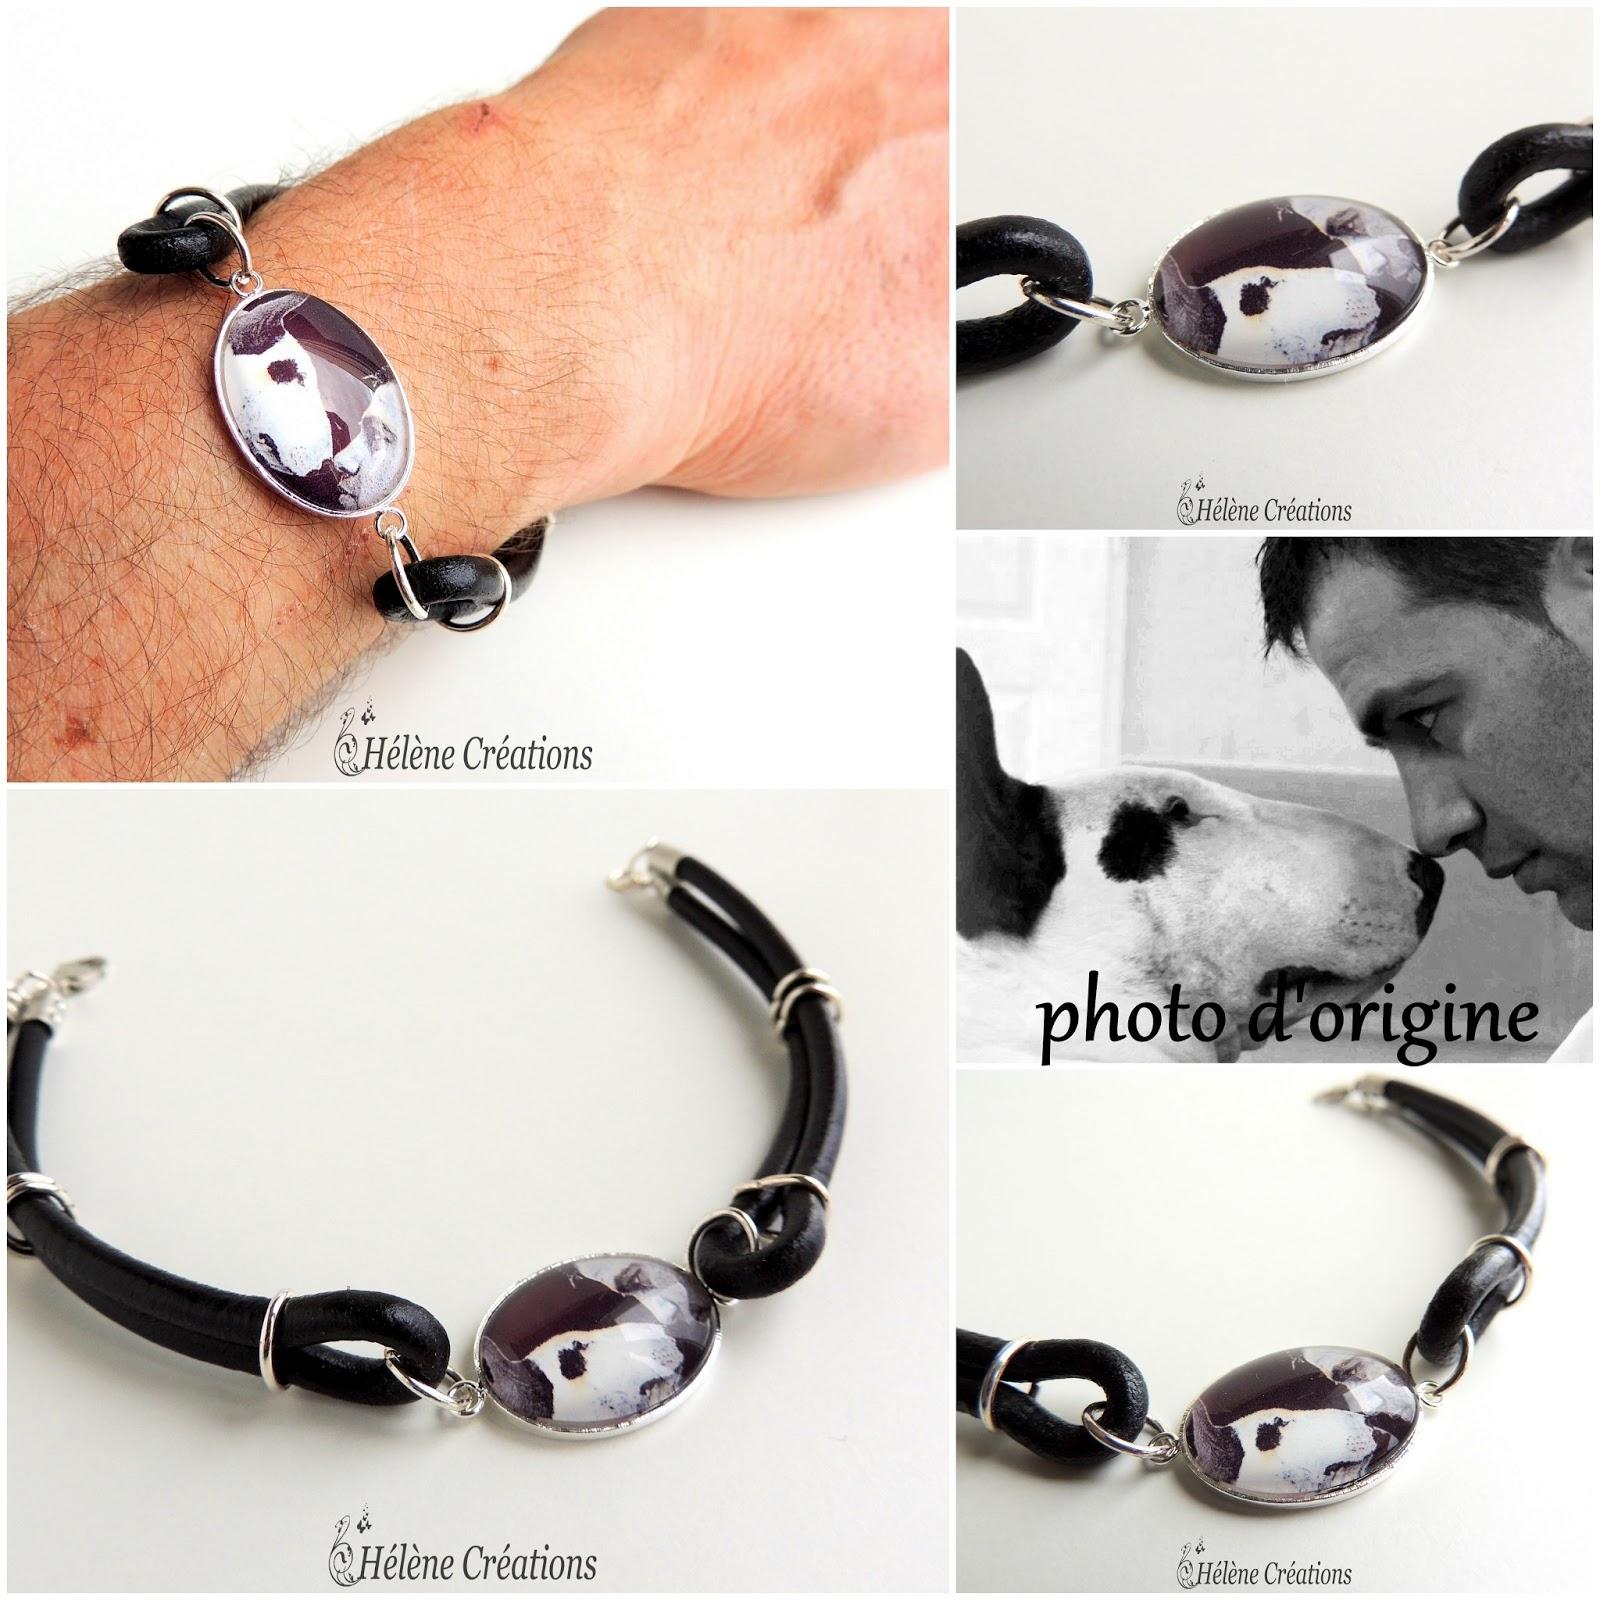 hc l 39 artisane bracelet pour homme bull terrier personnalis partir d 39 une photo. Black Bedroom Furniture Sets. Home Design Ideas